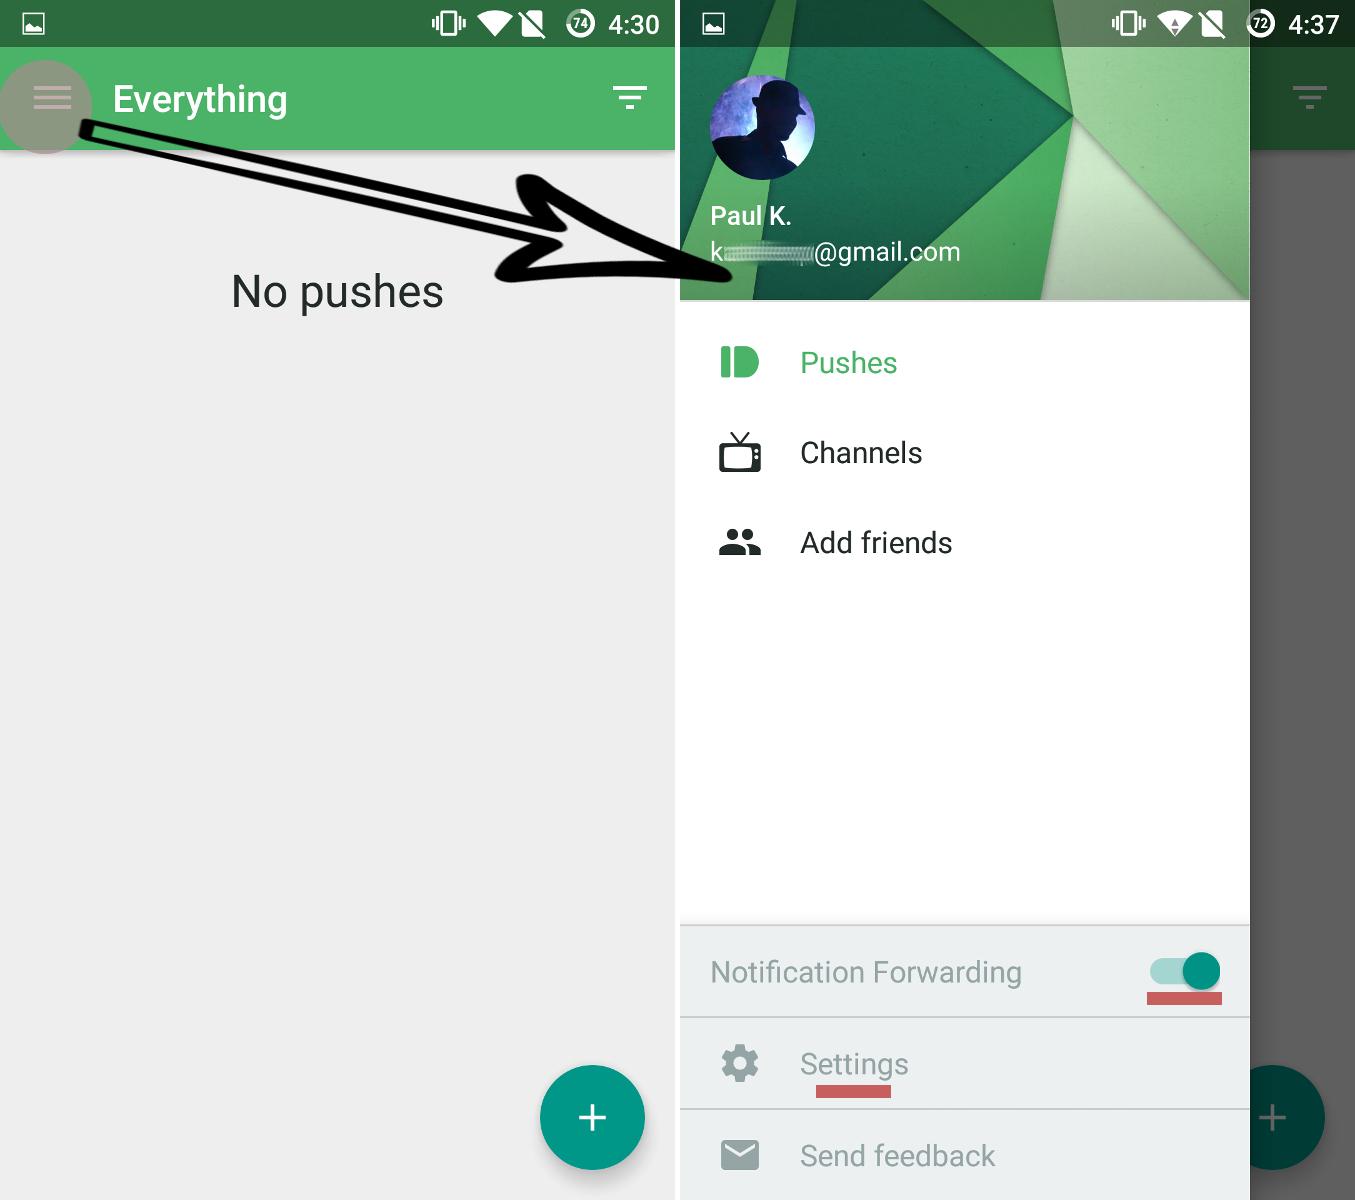 Как перенаправить текстовые уведомления и звонки с Вашего Android-устройства на ПК - откройте настройки